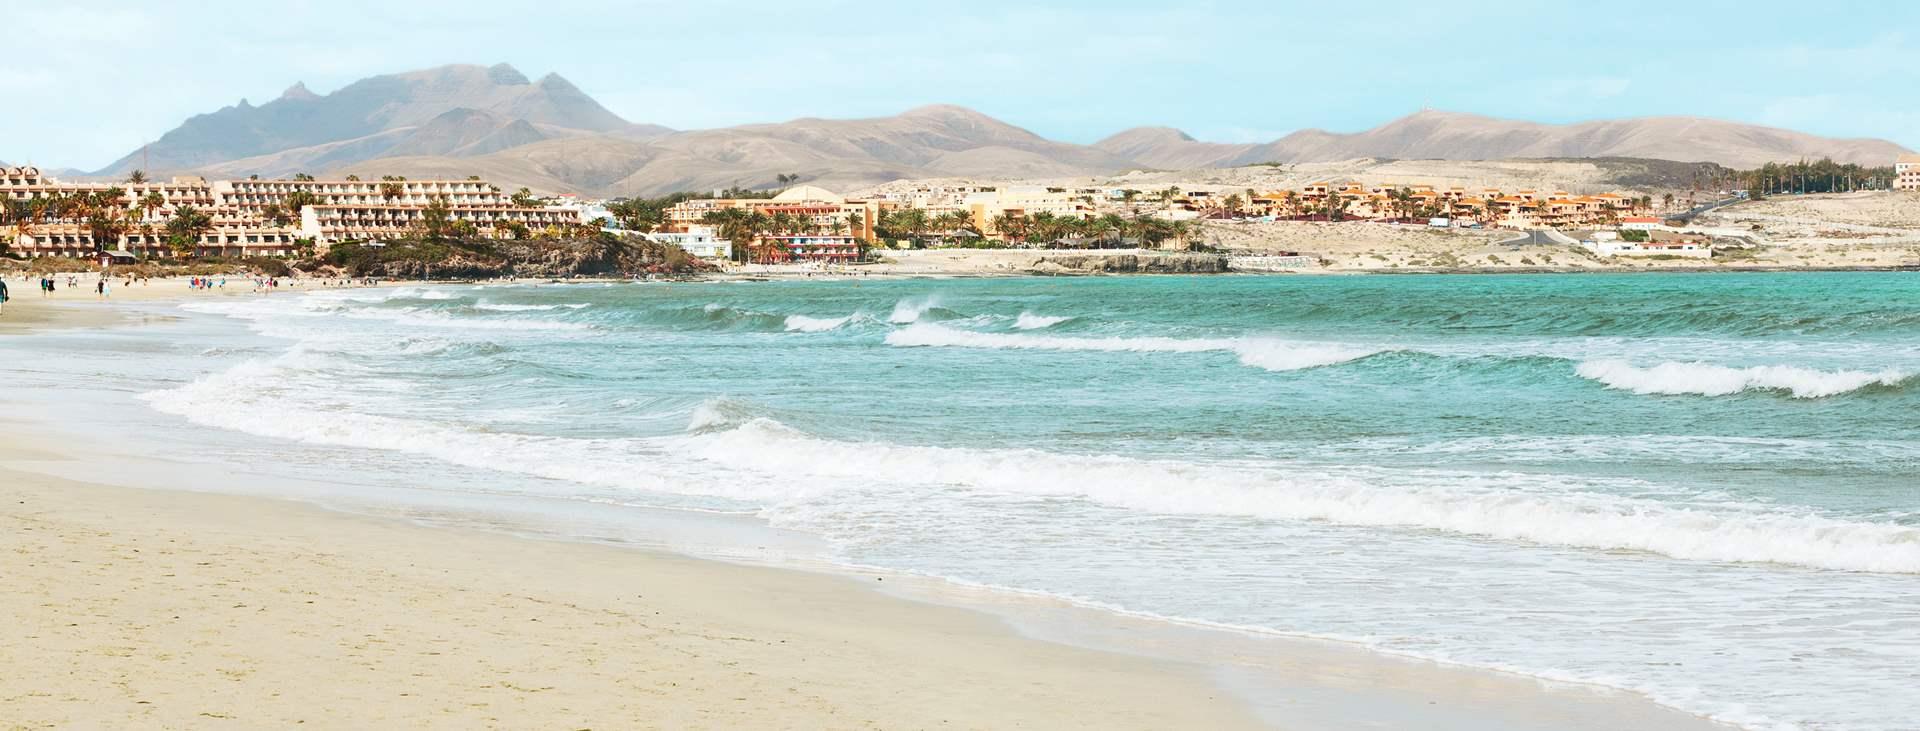 Boka en resa med All Inclusive till Costa Calma på Fuerteventura